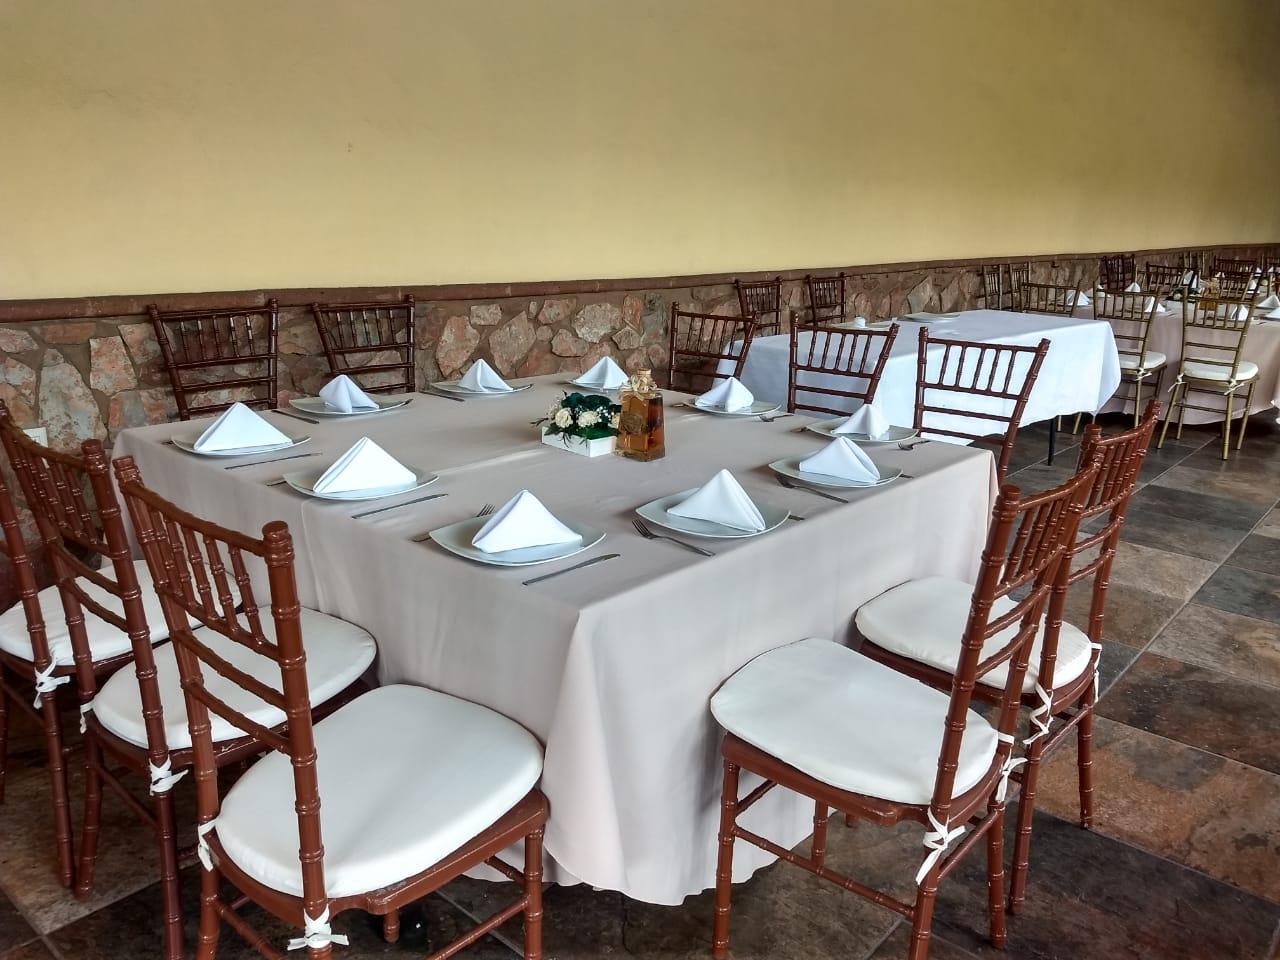 Imagen 2 del espacio Terraza San Luis en Tlaquepaque, México